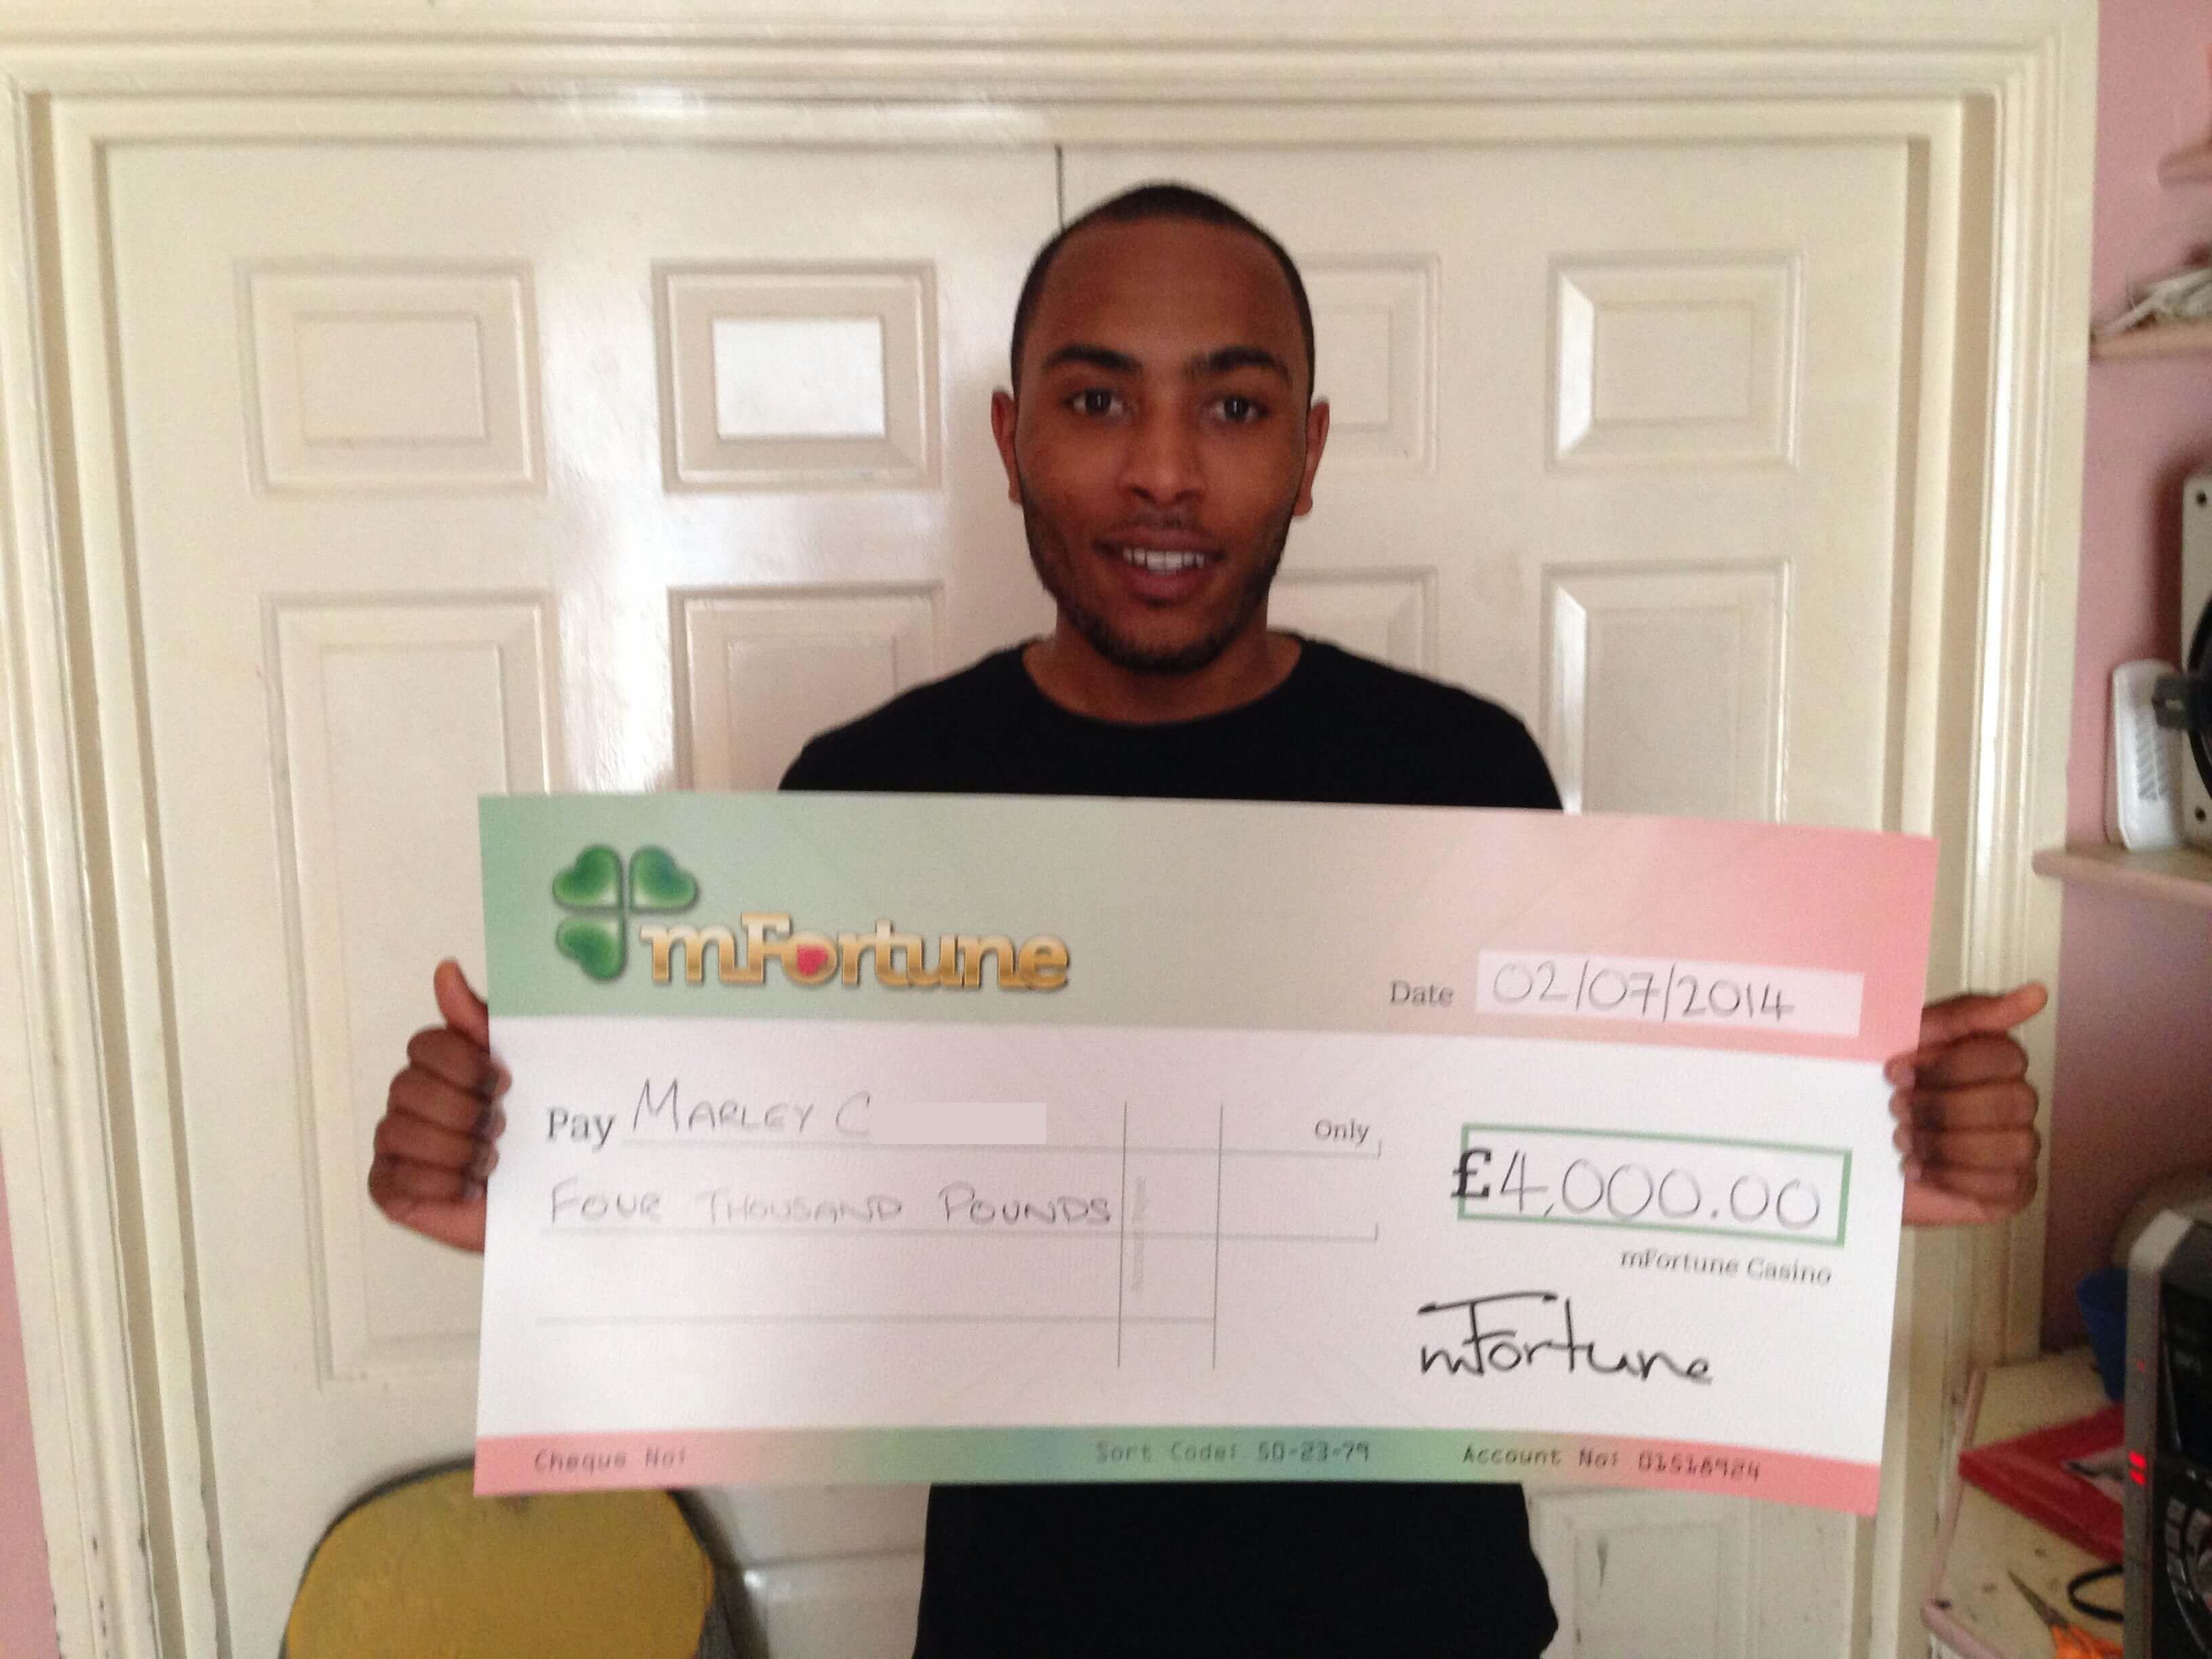 Marley C won £ 4,000